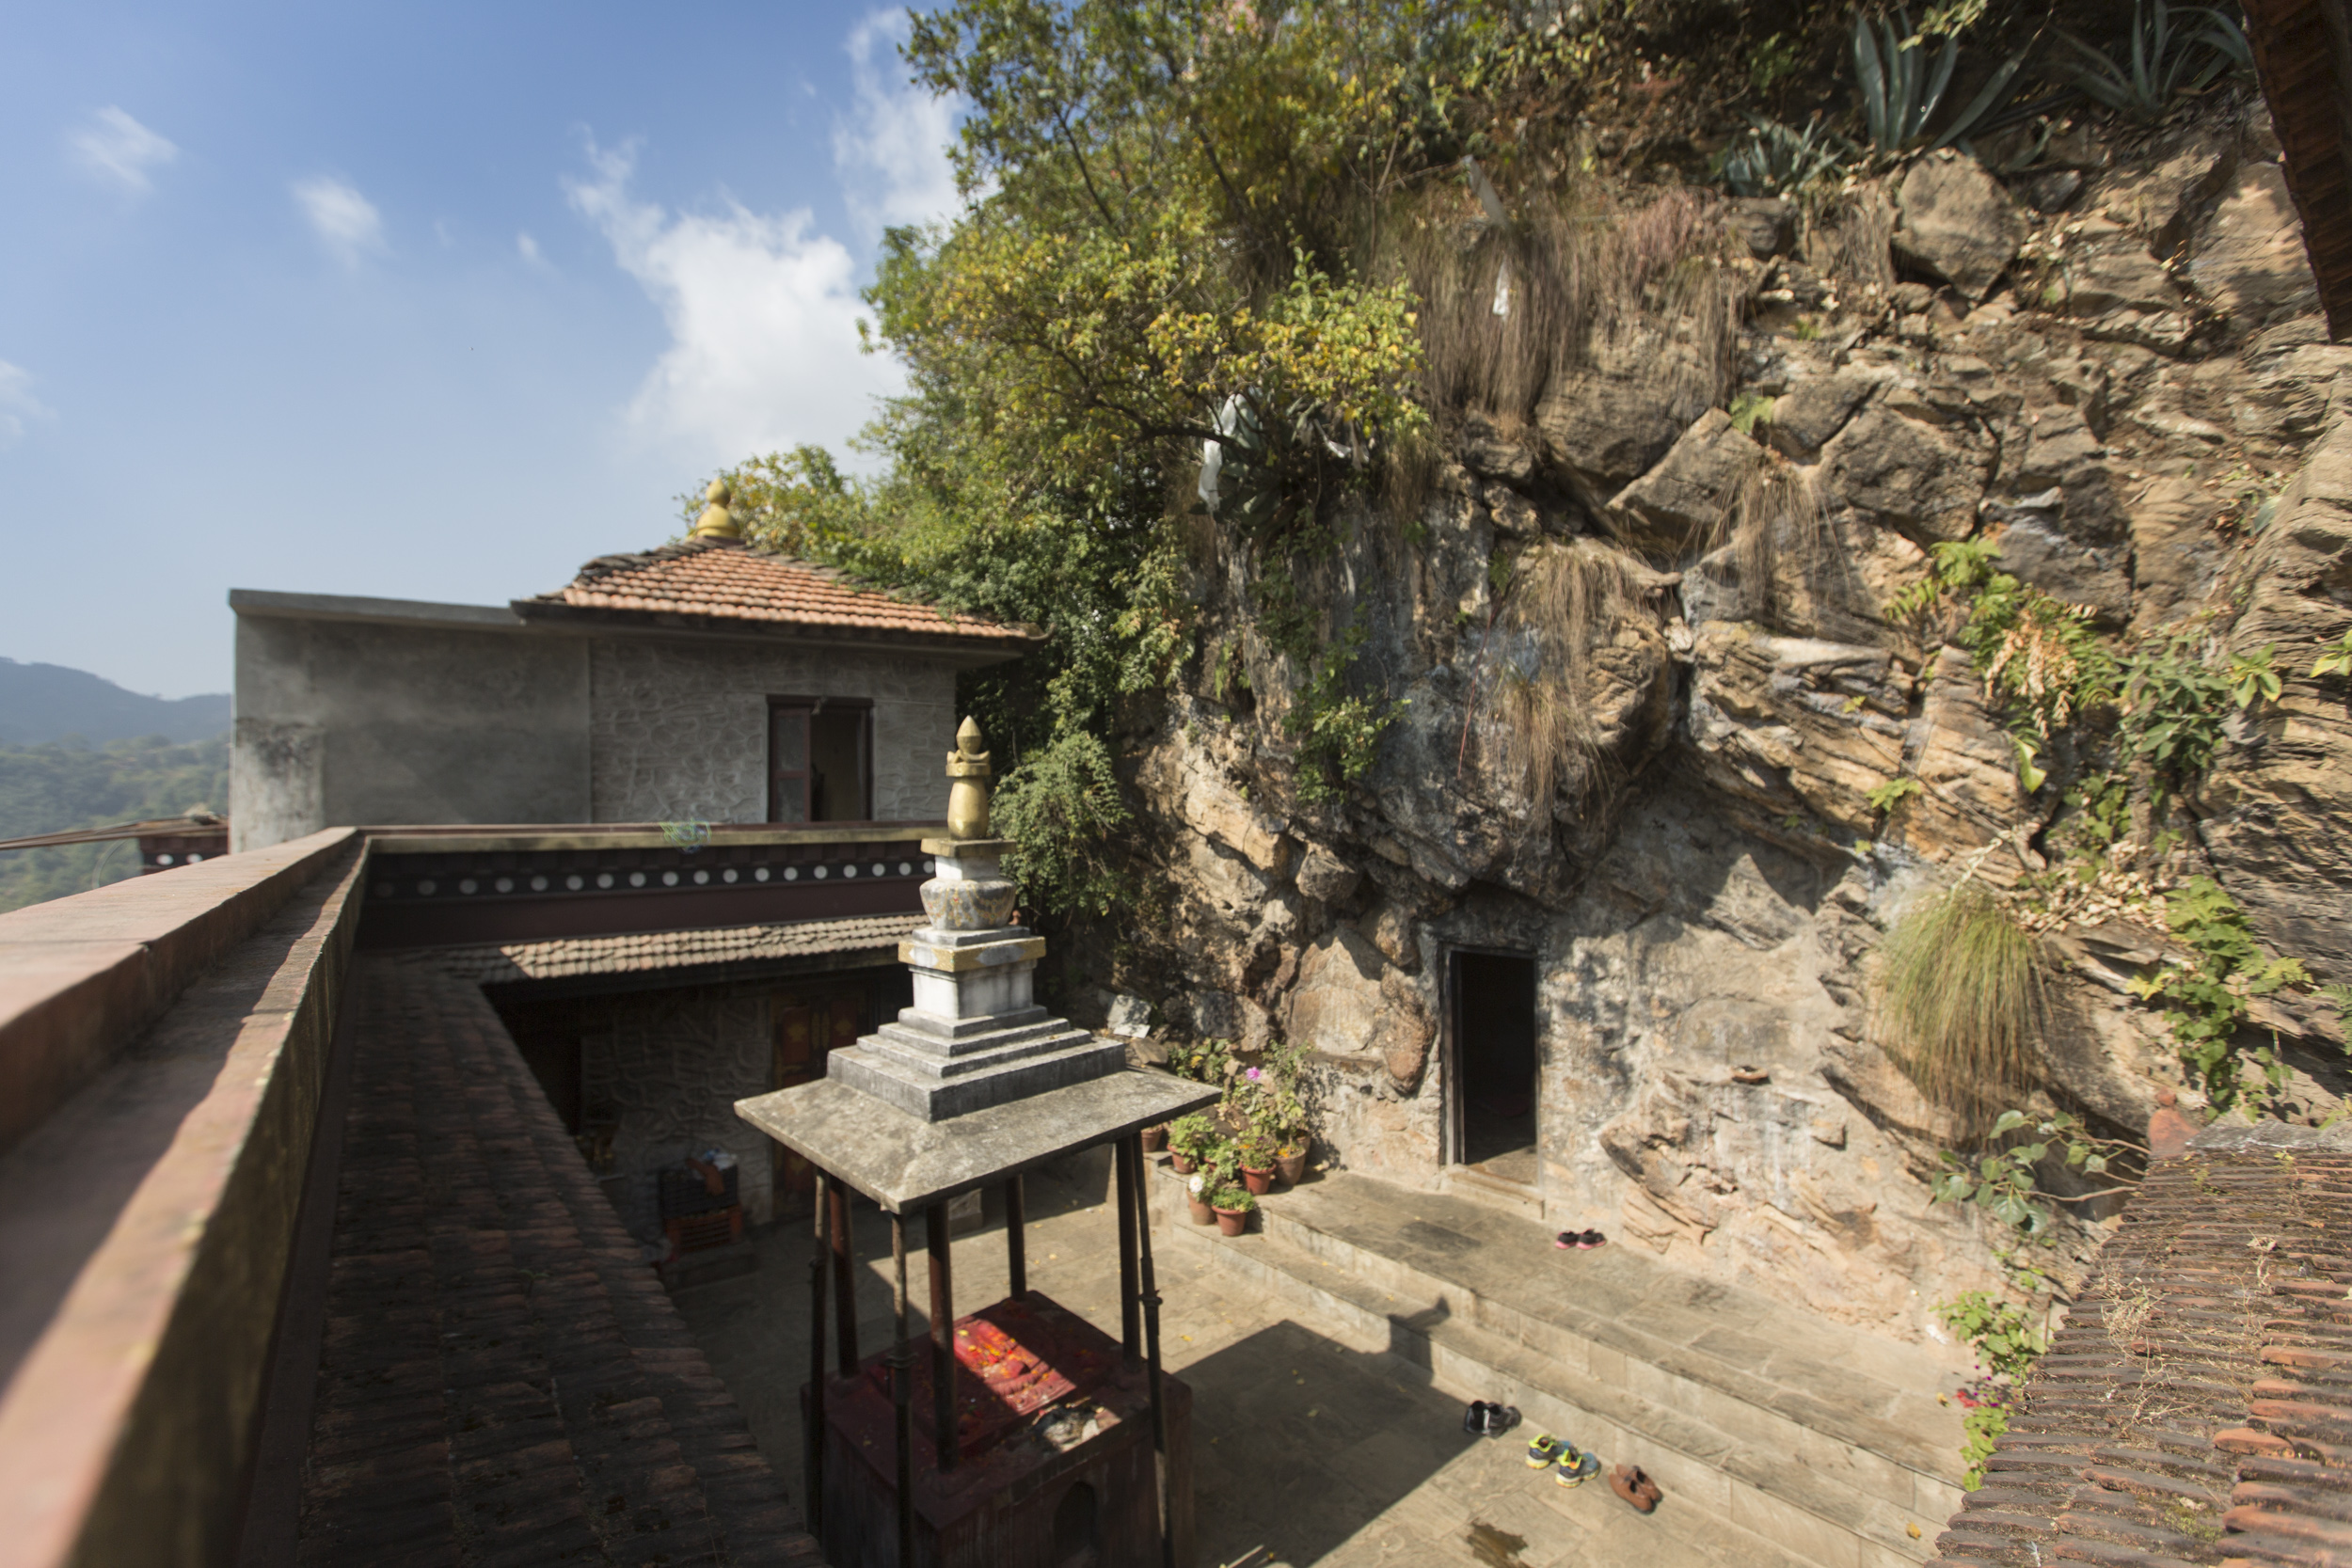 Asura_Cave_181020-8.jpg